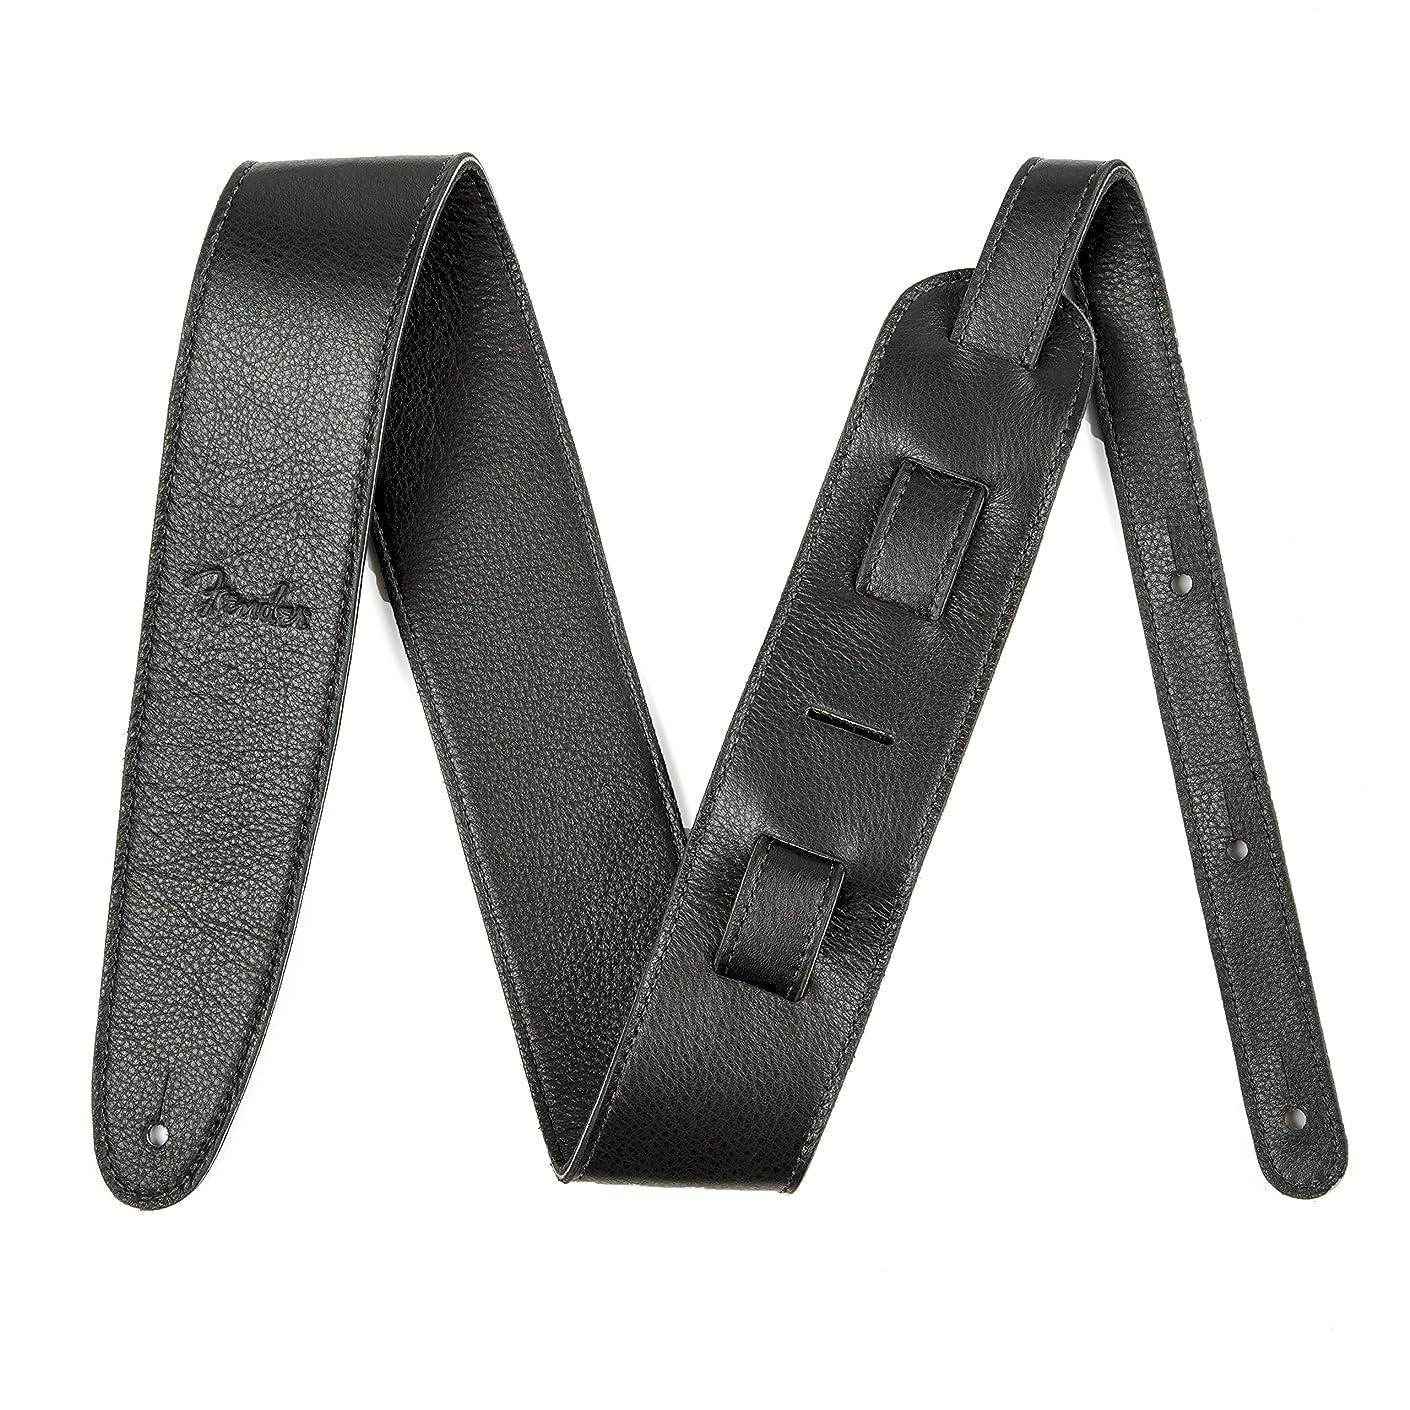 小切手ふざけた適合Fender ストラップ Artisan Crafted Leather Strap, 2.5